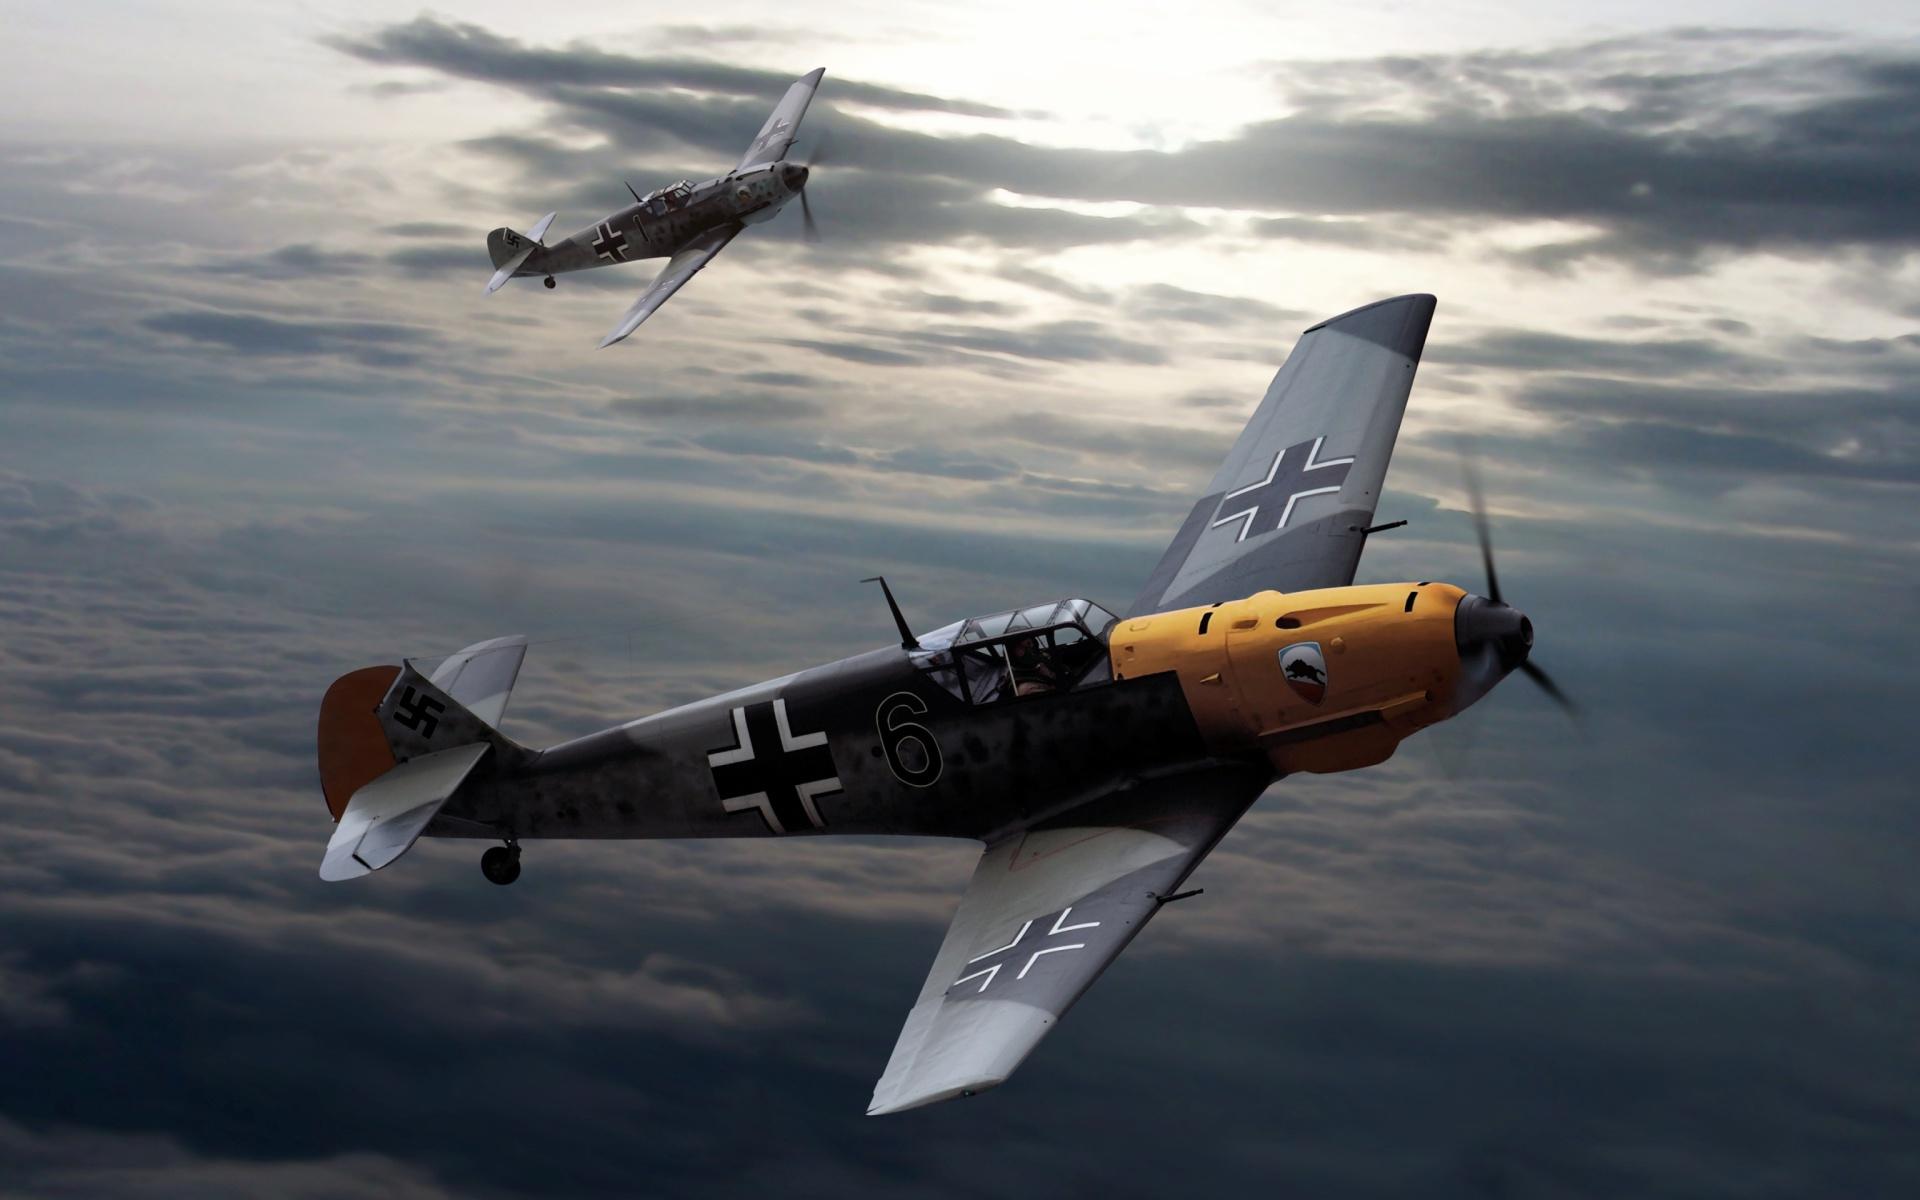 Wwii fighter planes wallpapers 1920x1080 wallpapersafari messerschmitt bf 109 german world war ii fighter aircraft wallpaper 1920x1200 altavistaventures Image collections